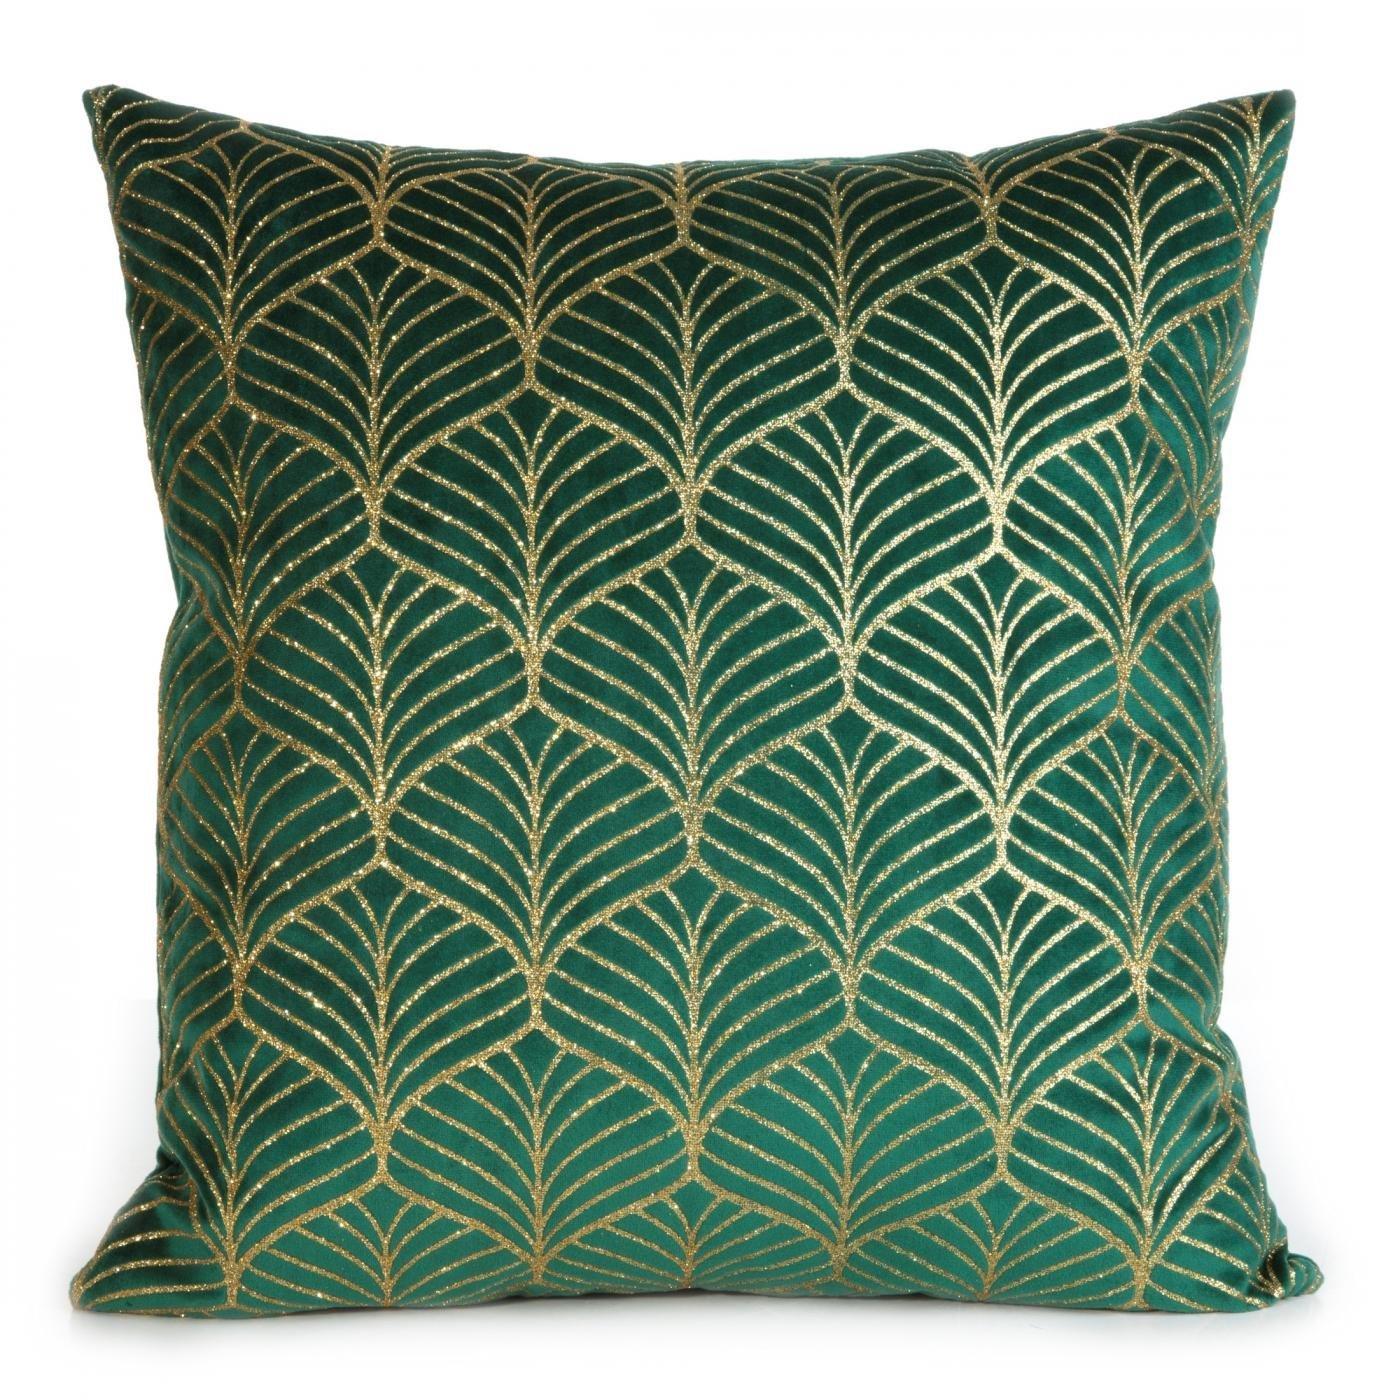 Zielona POSZEWKA WELWETOWA z geometrycznym złotym wzorem 45x45 cm